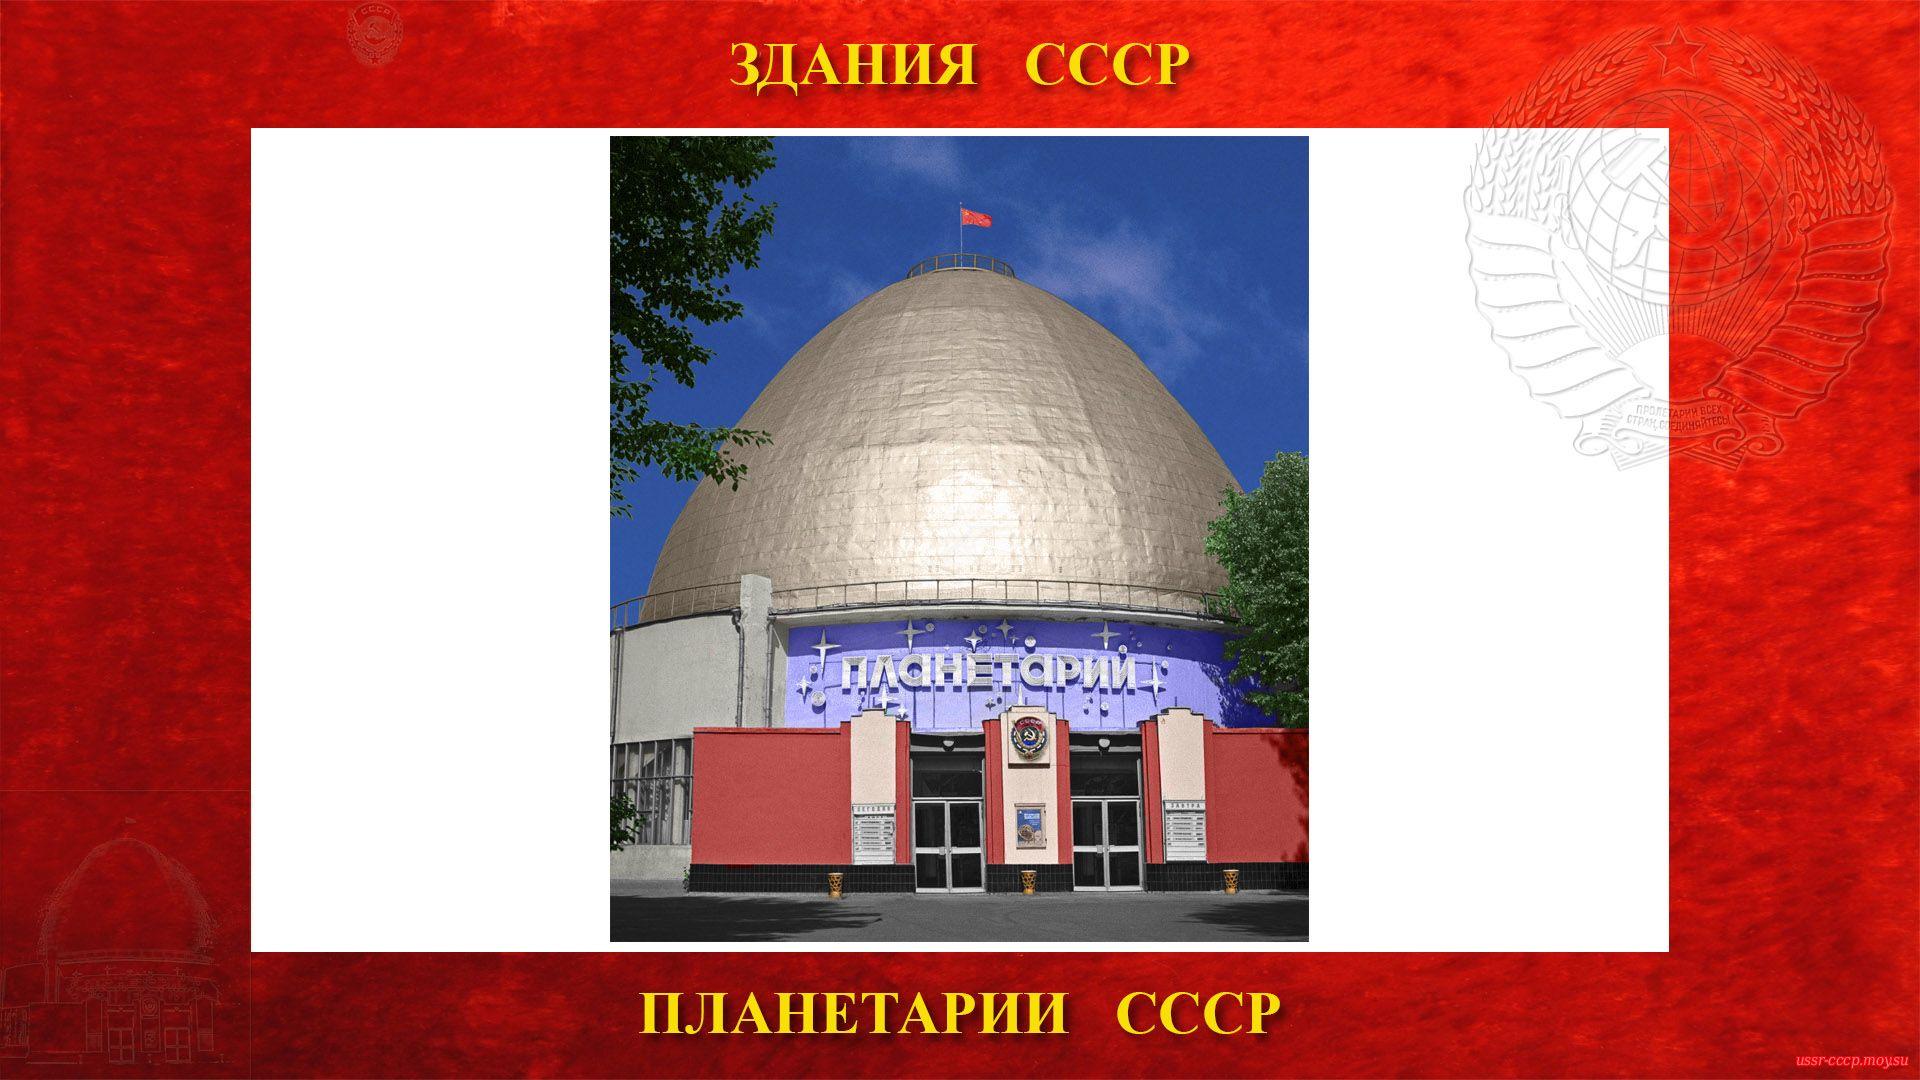 Московский планетарий — Московскийордена Трудового Красного Знамени планетарий в Москве